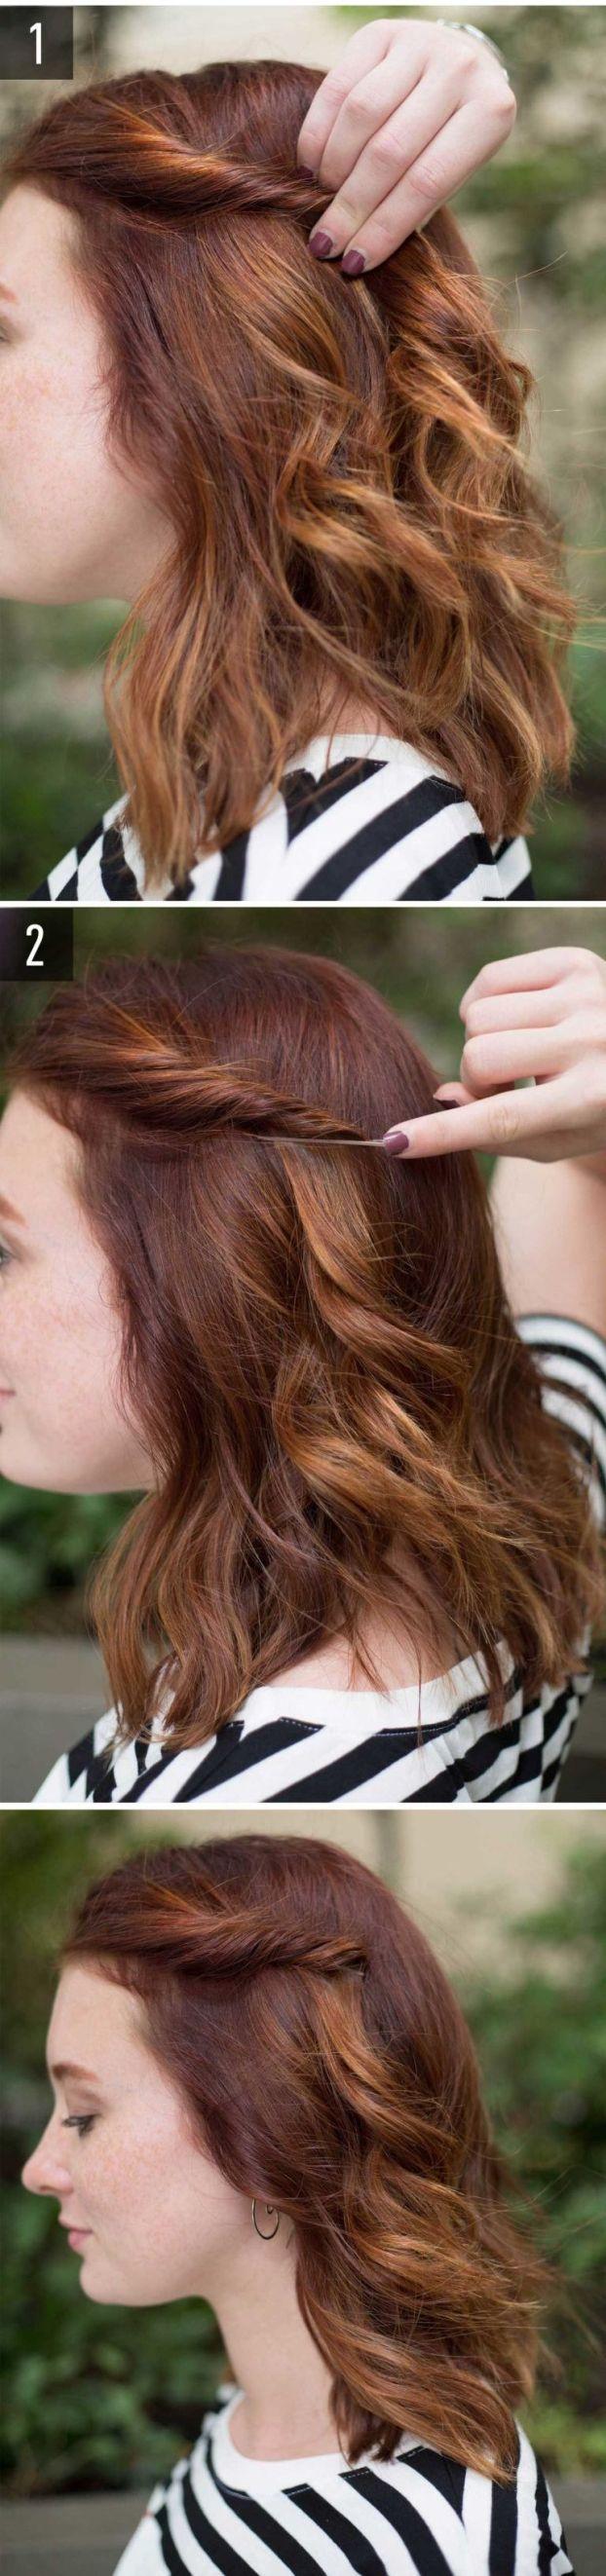 Как можно собрать волосы